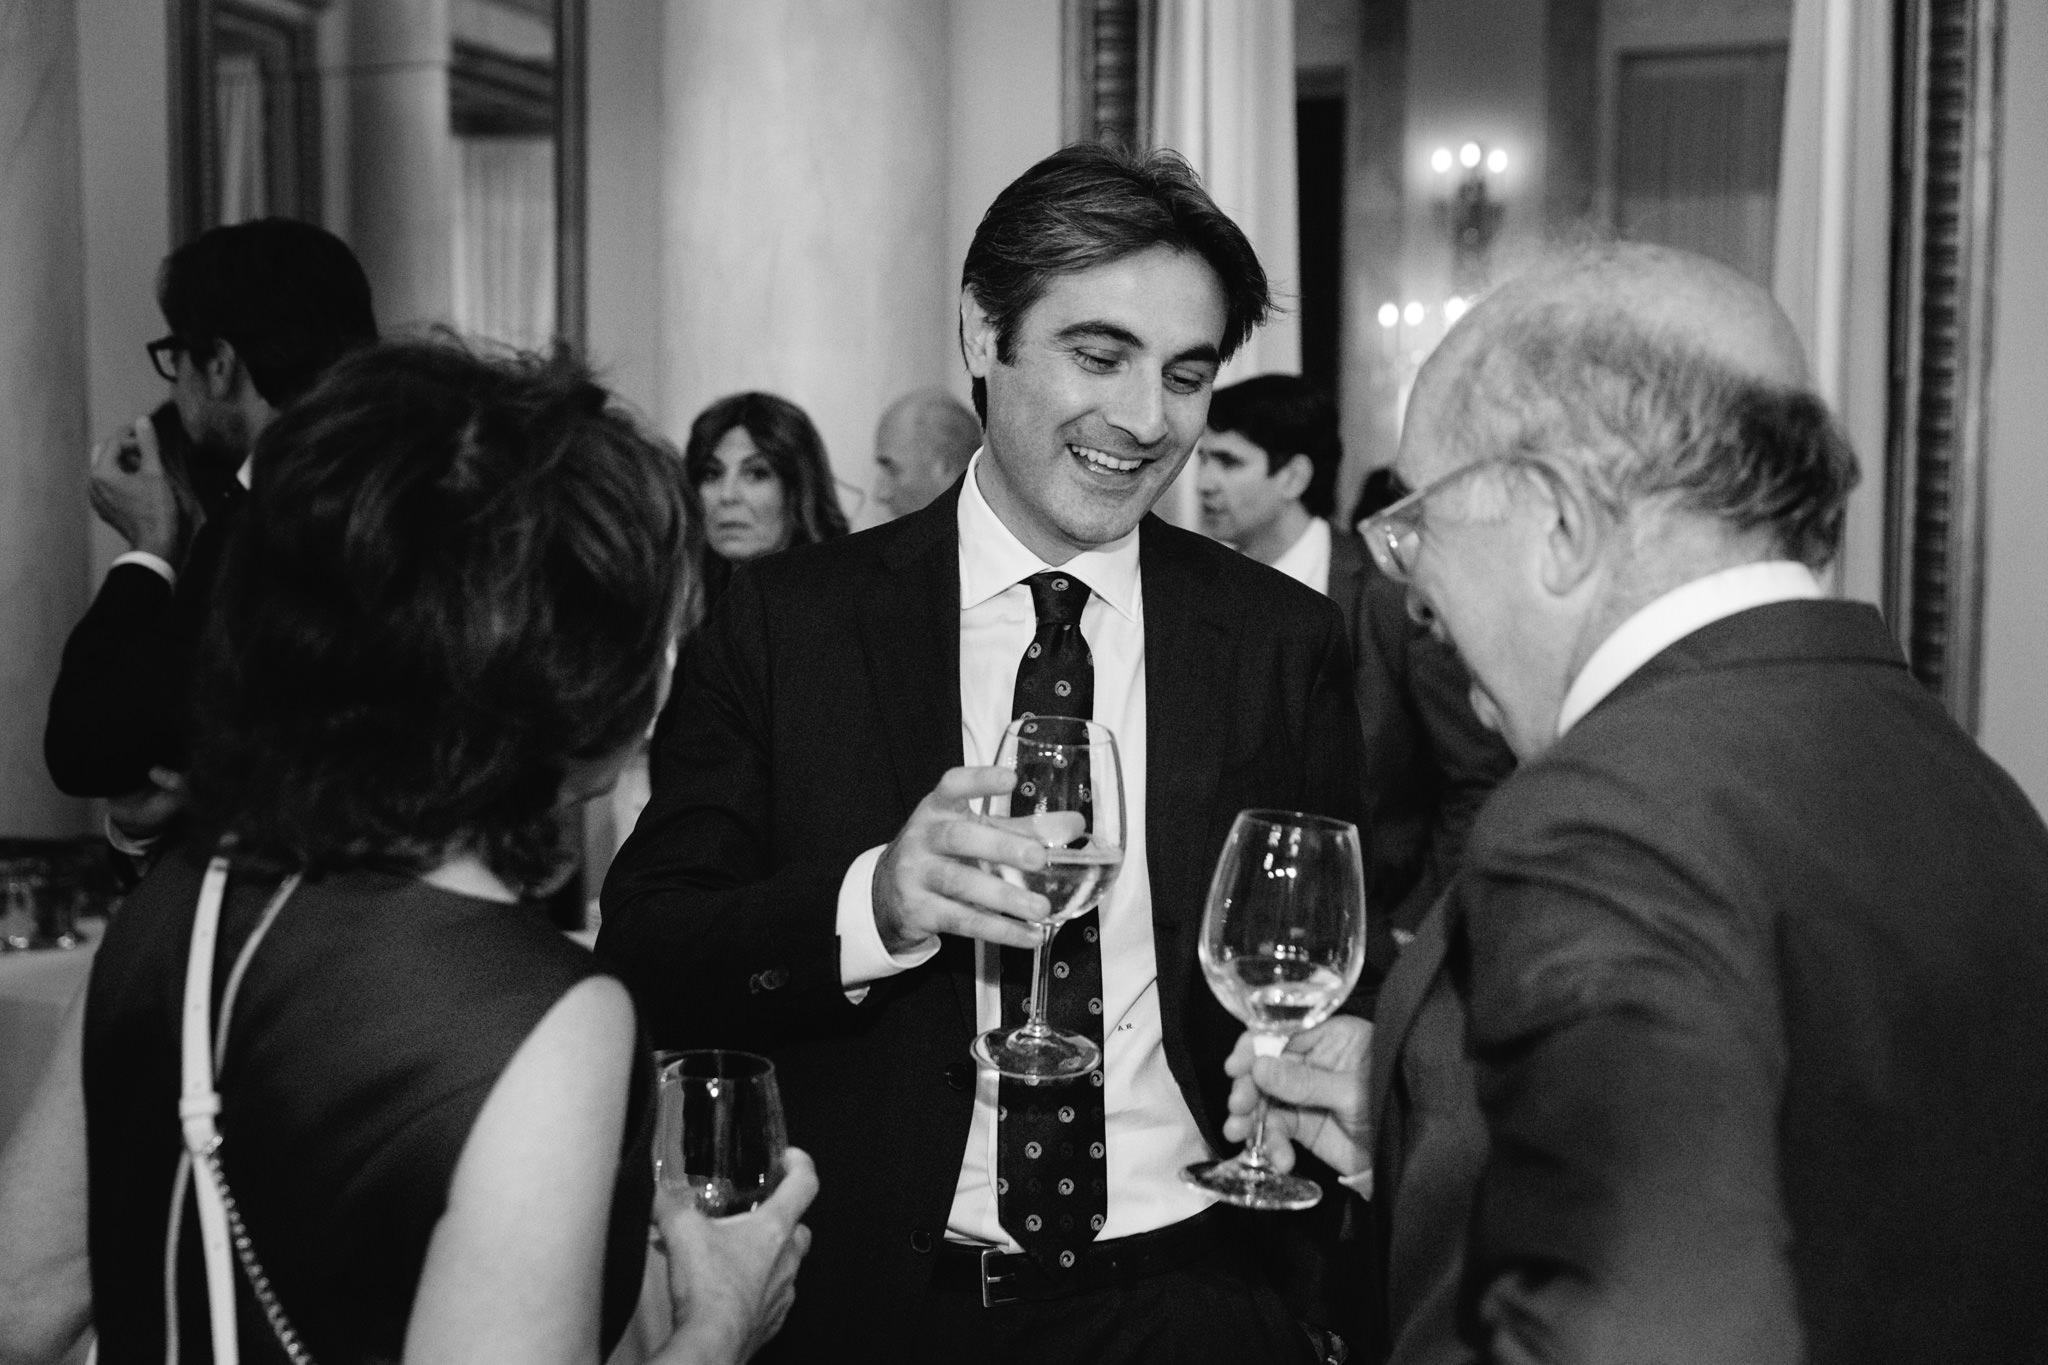 L'avvocato Alessandro Raffaelli conversa con amici e colleghi